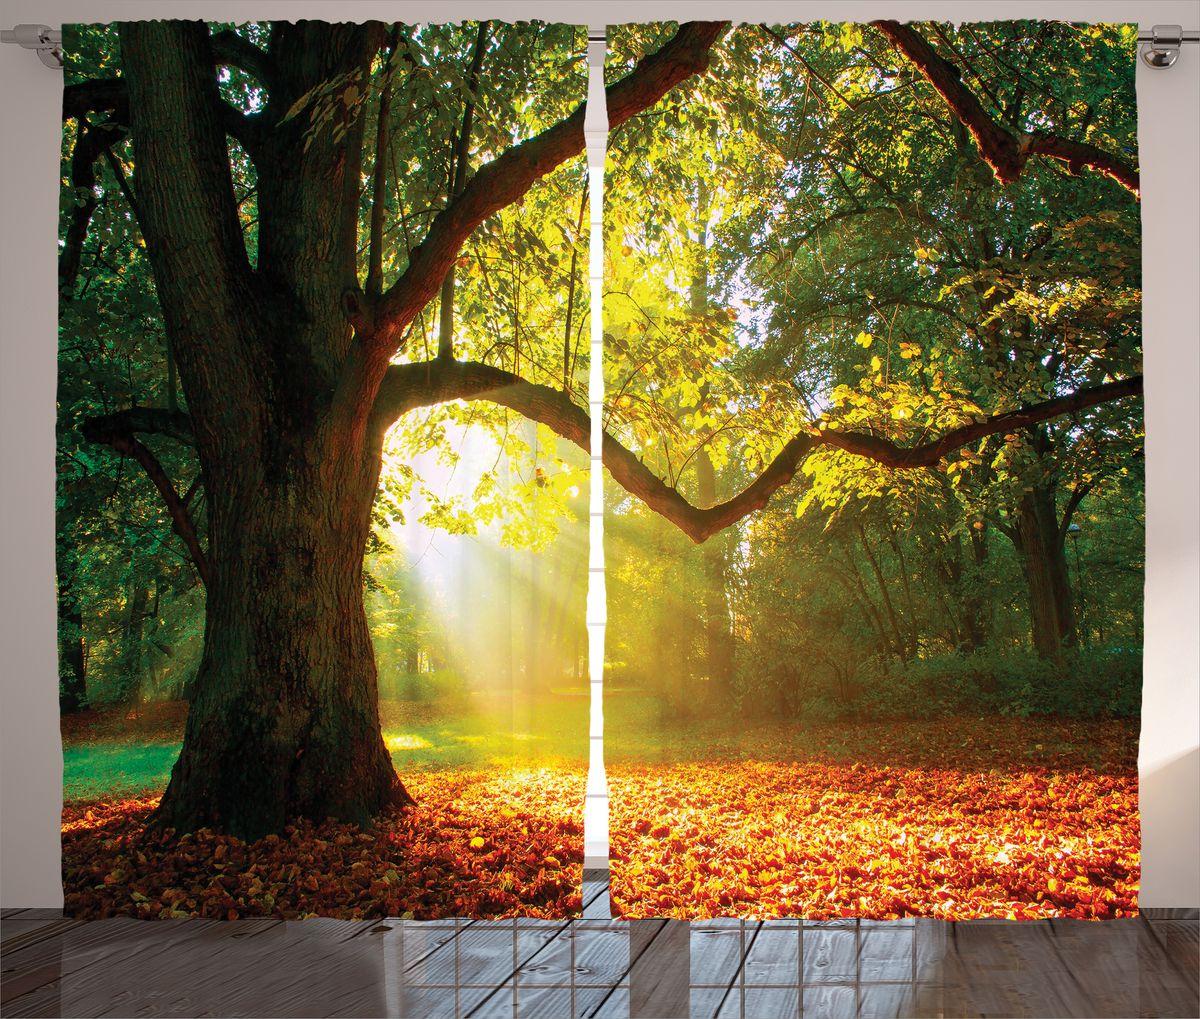 Комплект фотоштор Magic Lady Старое дерево в солнечном свете, на ленте, высота 265 см. шсг_16589шсг_16589Компания Сэмболь изготавливает шторы из высококачественного сатена (полиэстер 100%). При изготовлении используются специальные гипоаллергенные чернила для прямой печати по ткани, безопасные для человека и животных. Экологичность продукции Magic lady и безопасность для окружающей среды подтверждены сертификатом Oeko-Tex Standard 100. Крепление: крючки для крепления на шторной ленте (50 шт). Возможно крепление на трубу. Внимание! При нанесении сублимационной печати на ткань технологическим методом при температуре 240°С, возможно отклонение полученных размеров (указанных на этикетке и сайте) от стандартных на + - 3-5 см. Производитель старается максимально точно передать цвета изделия на фотографиях, однако искажения неизбежны и фактический цвет изделия может отличаться от воспринимаемого по фото. Обратите внимание! Шторы изготовлены из полиэстра сатенового переплетения, а не из сатина (хлопок). Размер одного полотна шторы: 145х265 см. В комплекте 2 полотна шторы и 50 крючков.